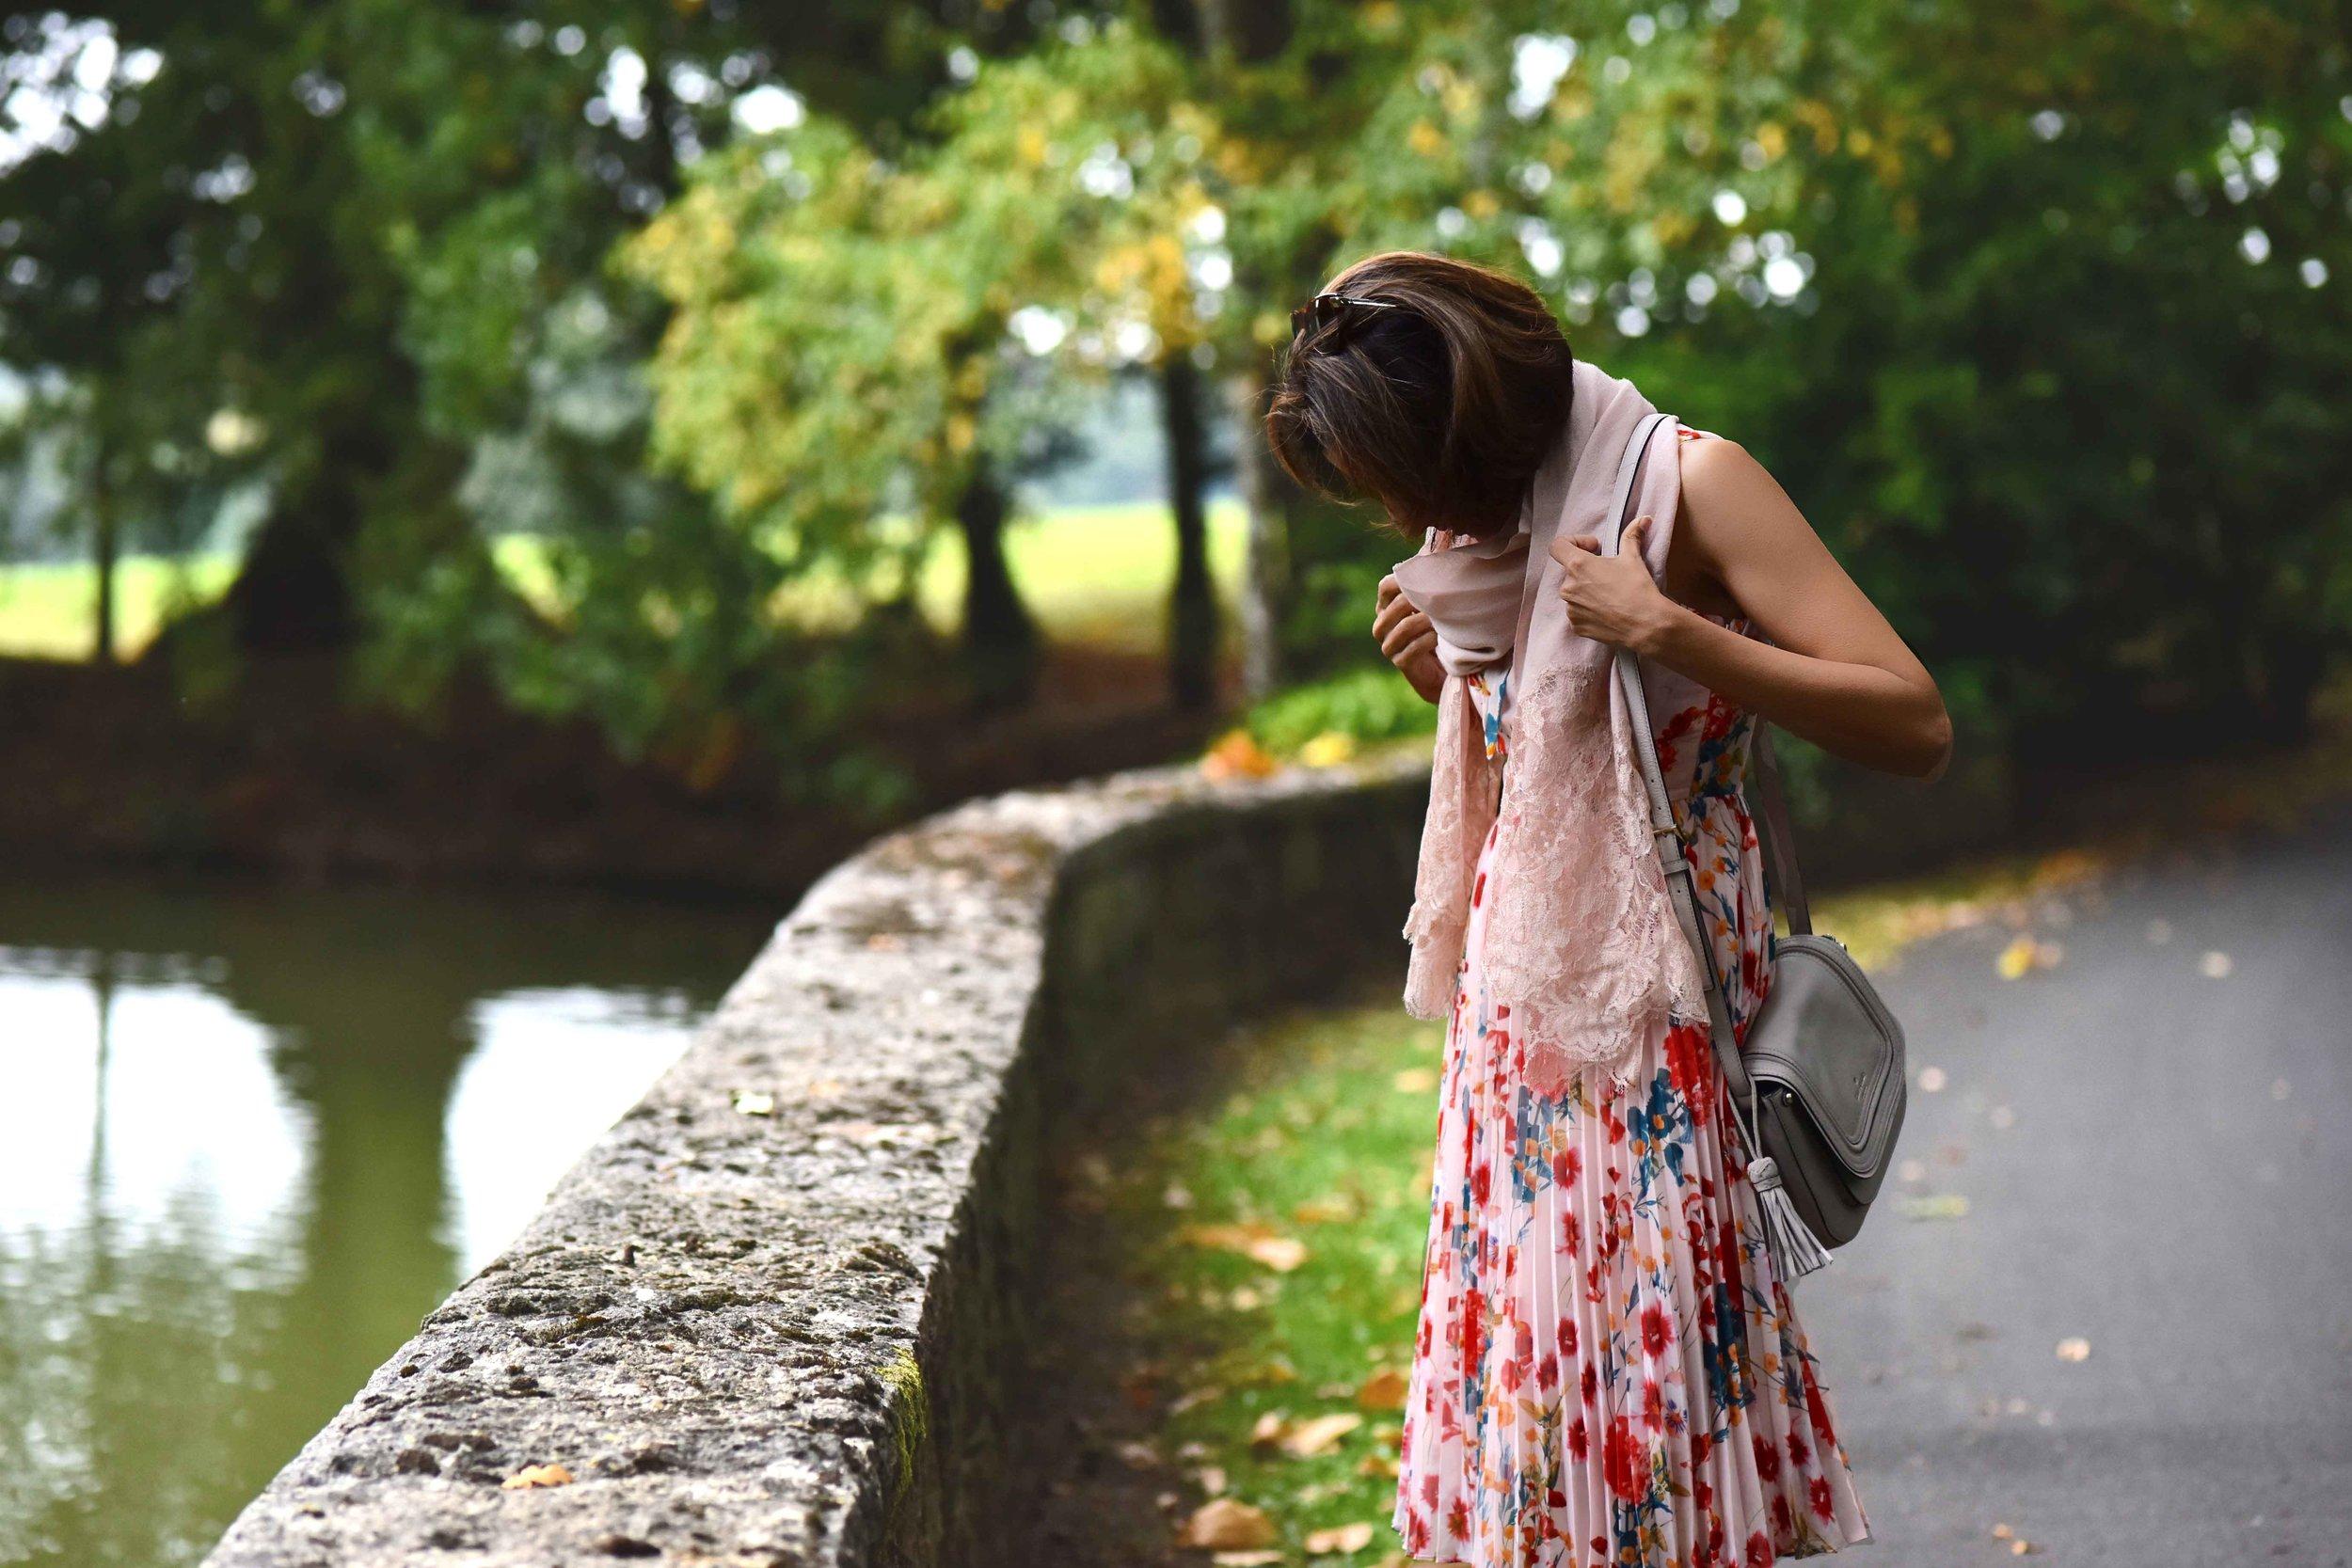 Karen Millen floral dress, Kate Spade bag, Coworth Park Hotel, Ascot, U.K. Image©sourcingstyle.com